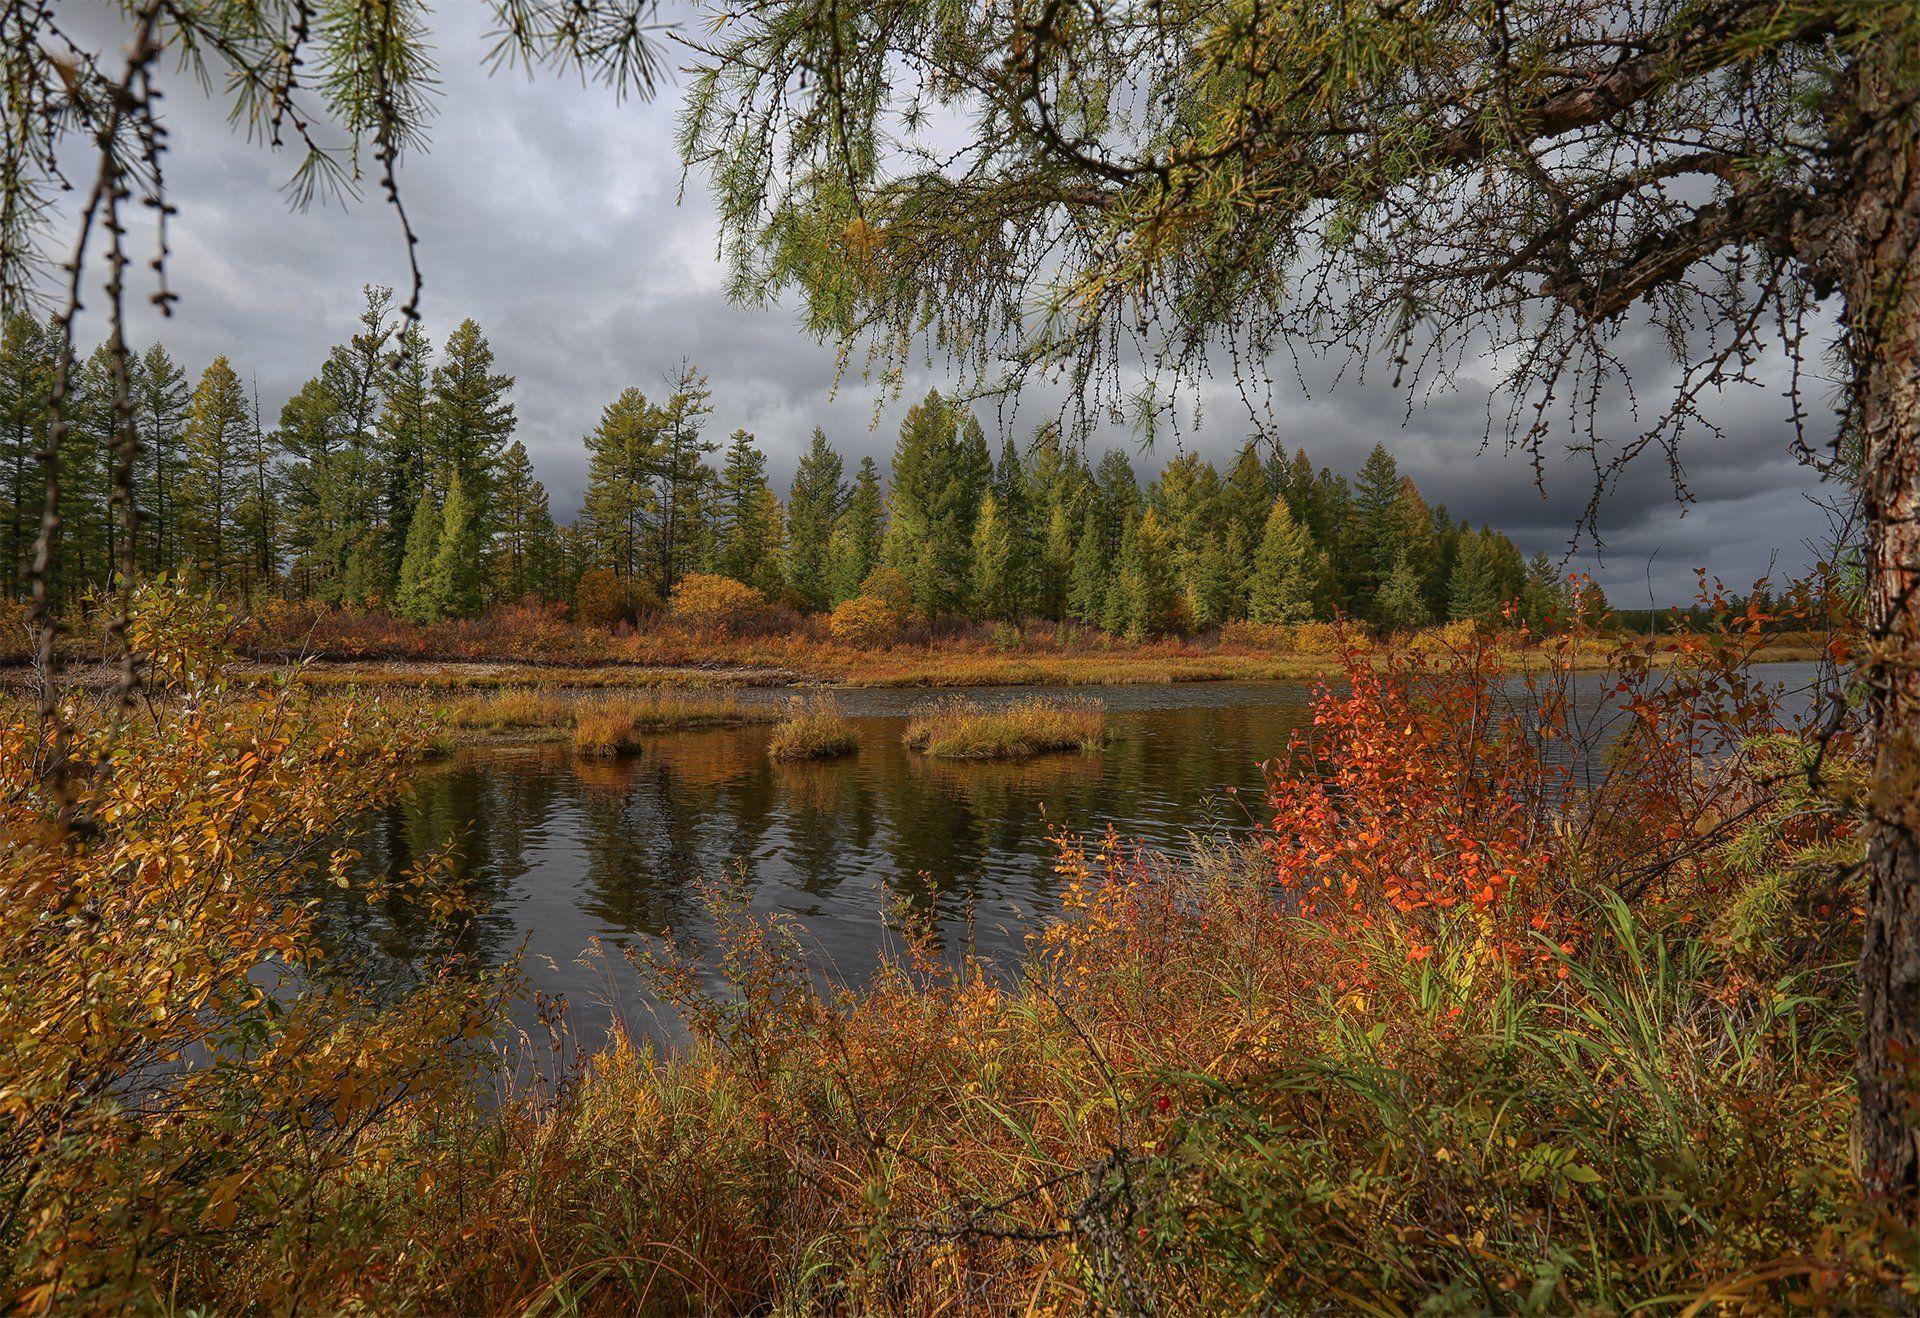 нерюнгри, осень, якутия, река_горбыллах, осень_в_якутии, осенний_пейзаж, Евгения Левина